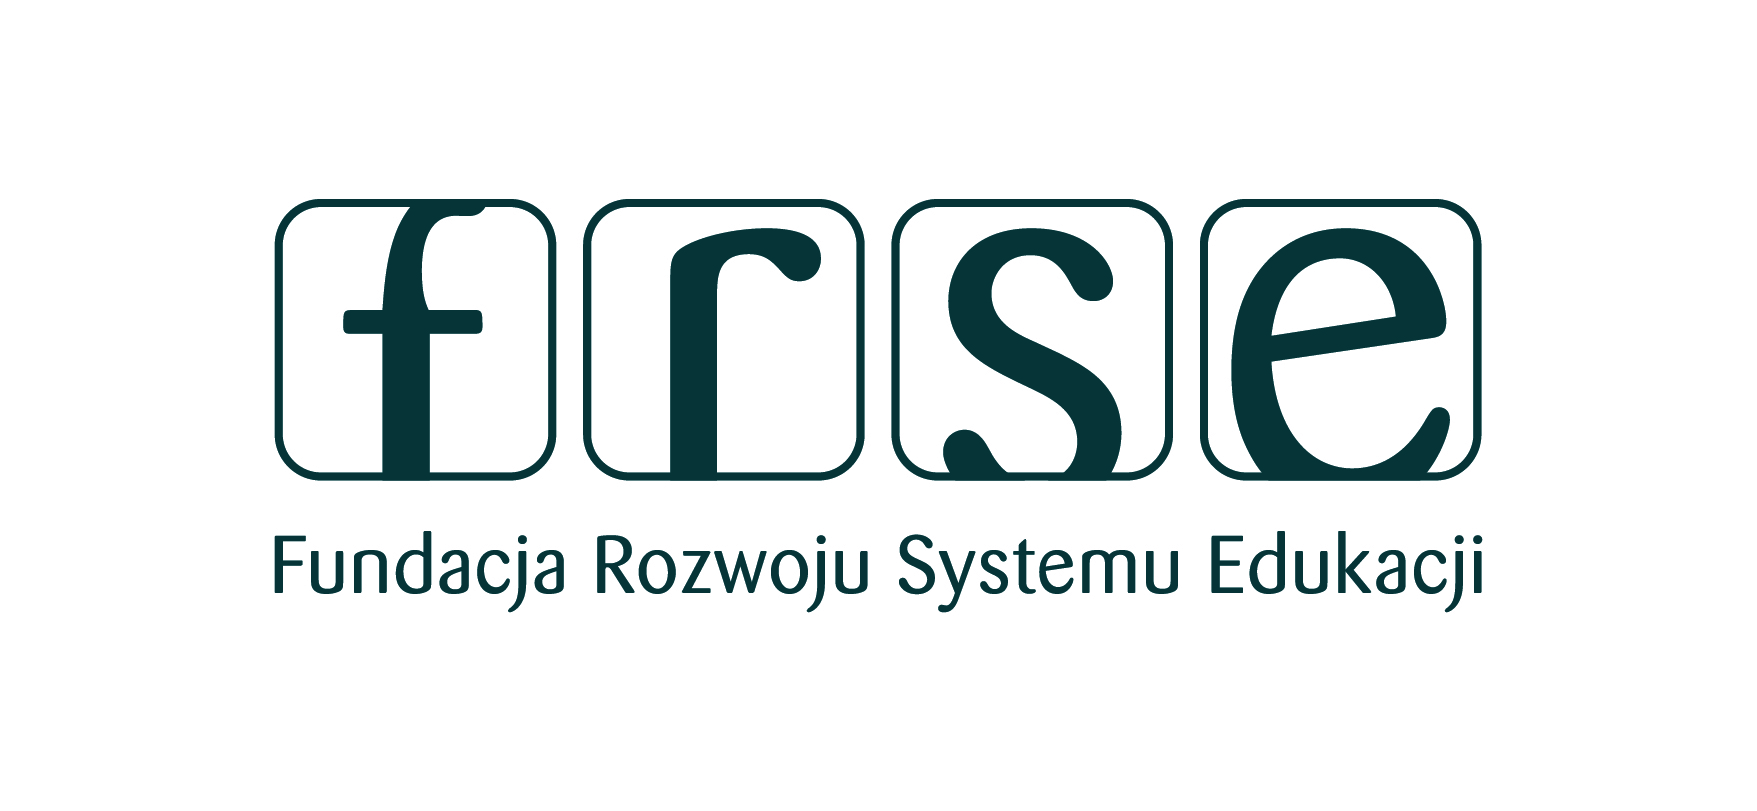 """,, Zagraniczny staż- dobra praca '' w ramach projektu """"Międzynarodowa mobilność edukacyjna uczniów i absolwentów oraz kadry kształcenia zawodowego"""" realizowanego ze środków PO WER na zasadach Programu Erasmus+ sektor Kształcenie i szkolenia zawodowe"""